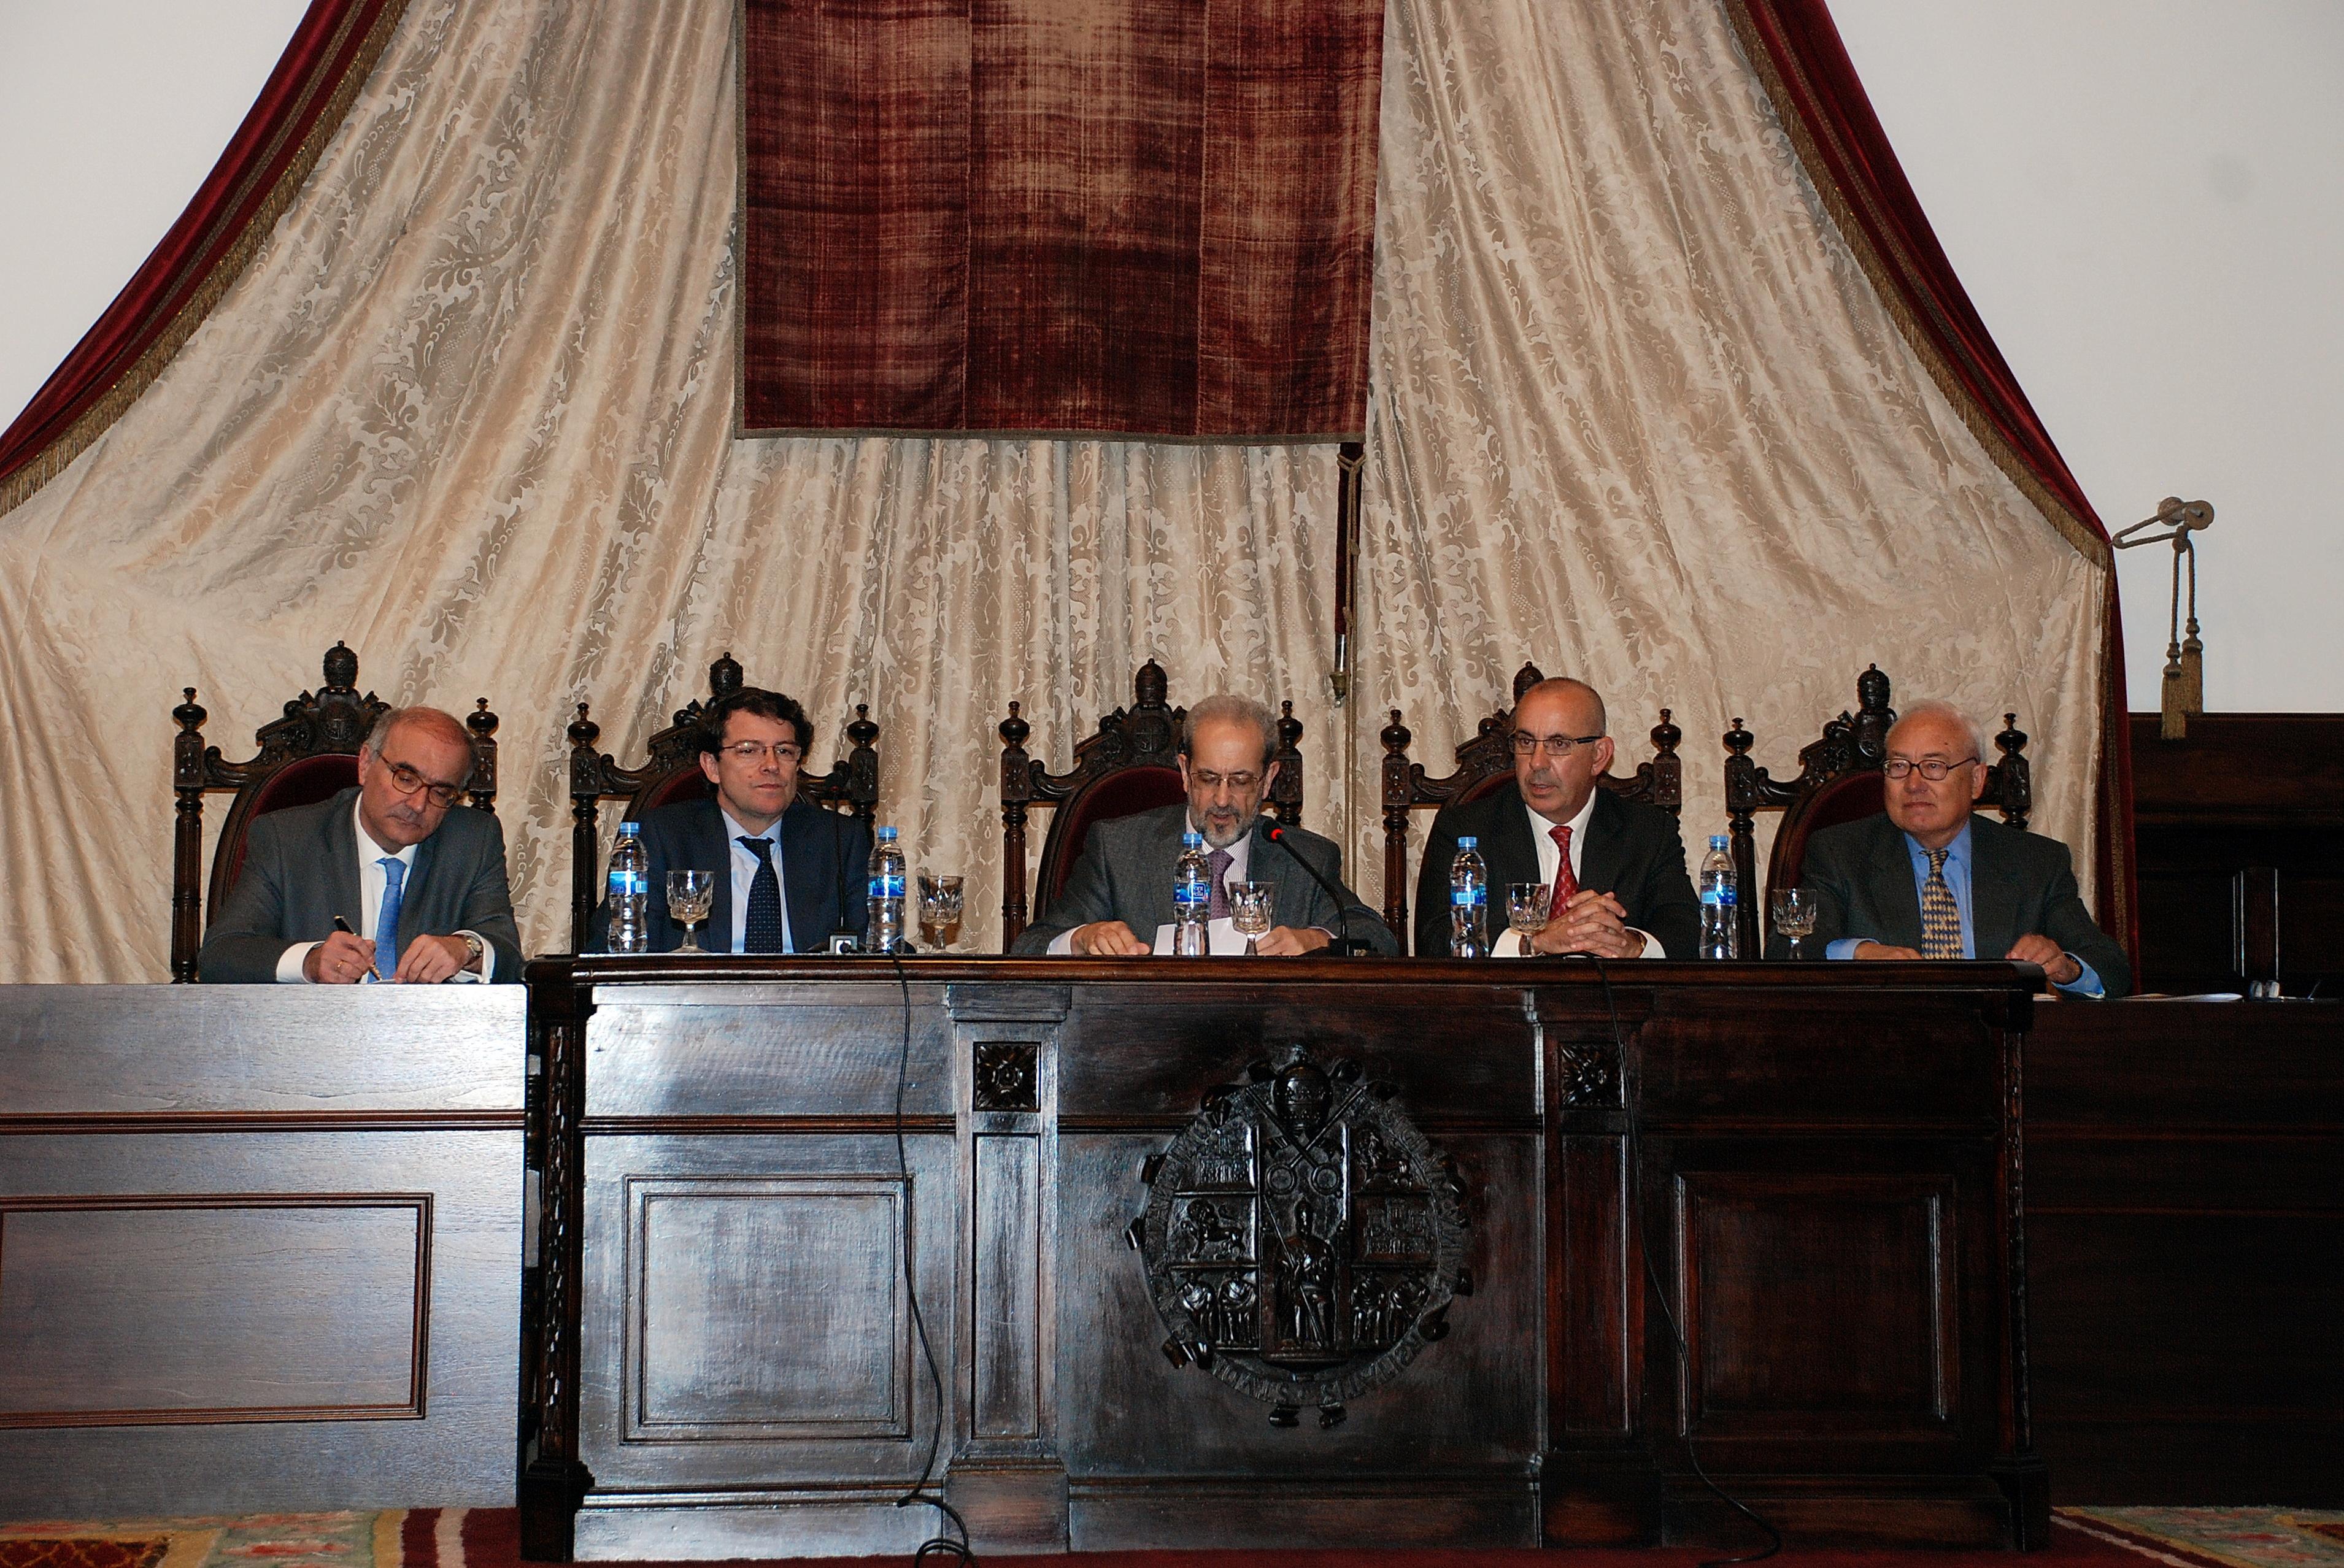 El rector inaugura en el Paraninfo de la Universidad el XII Congreso de la Asociación de Constitucionalistas de España